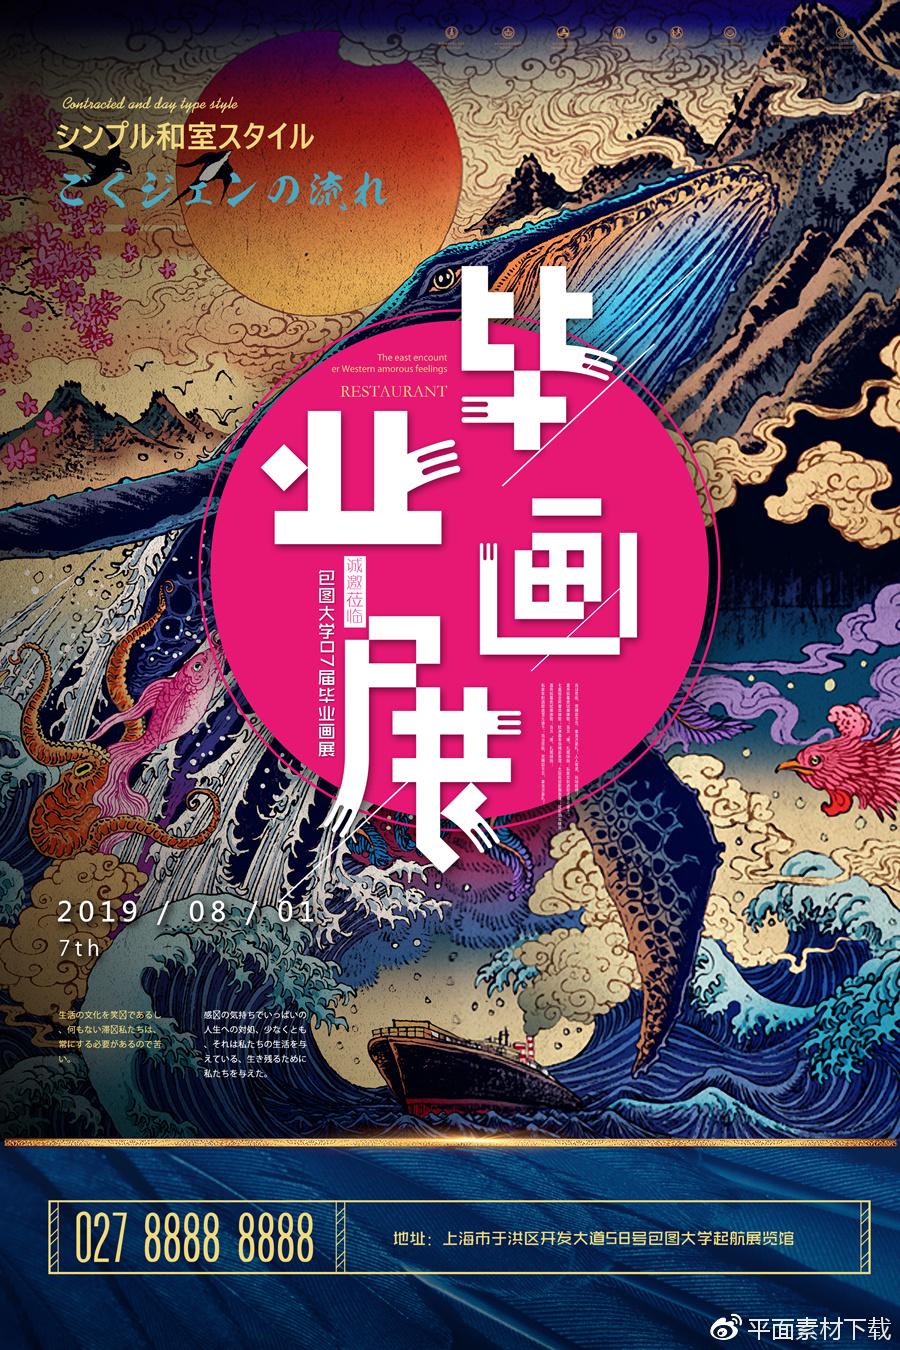 30款畢業設計展覽排版海報模板平面藝術作品集psd展板